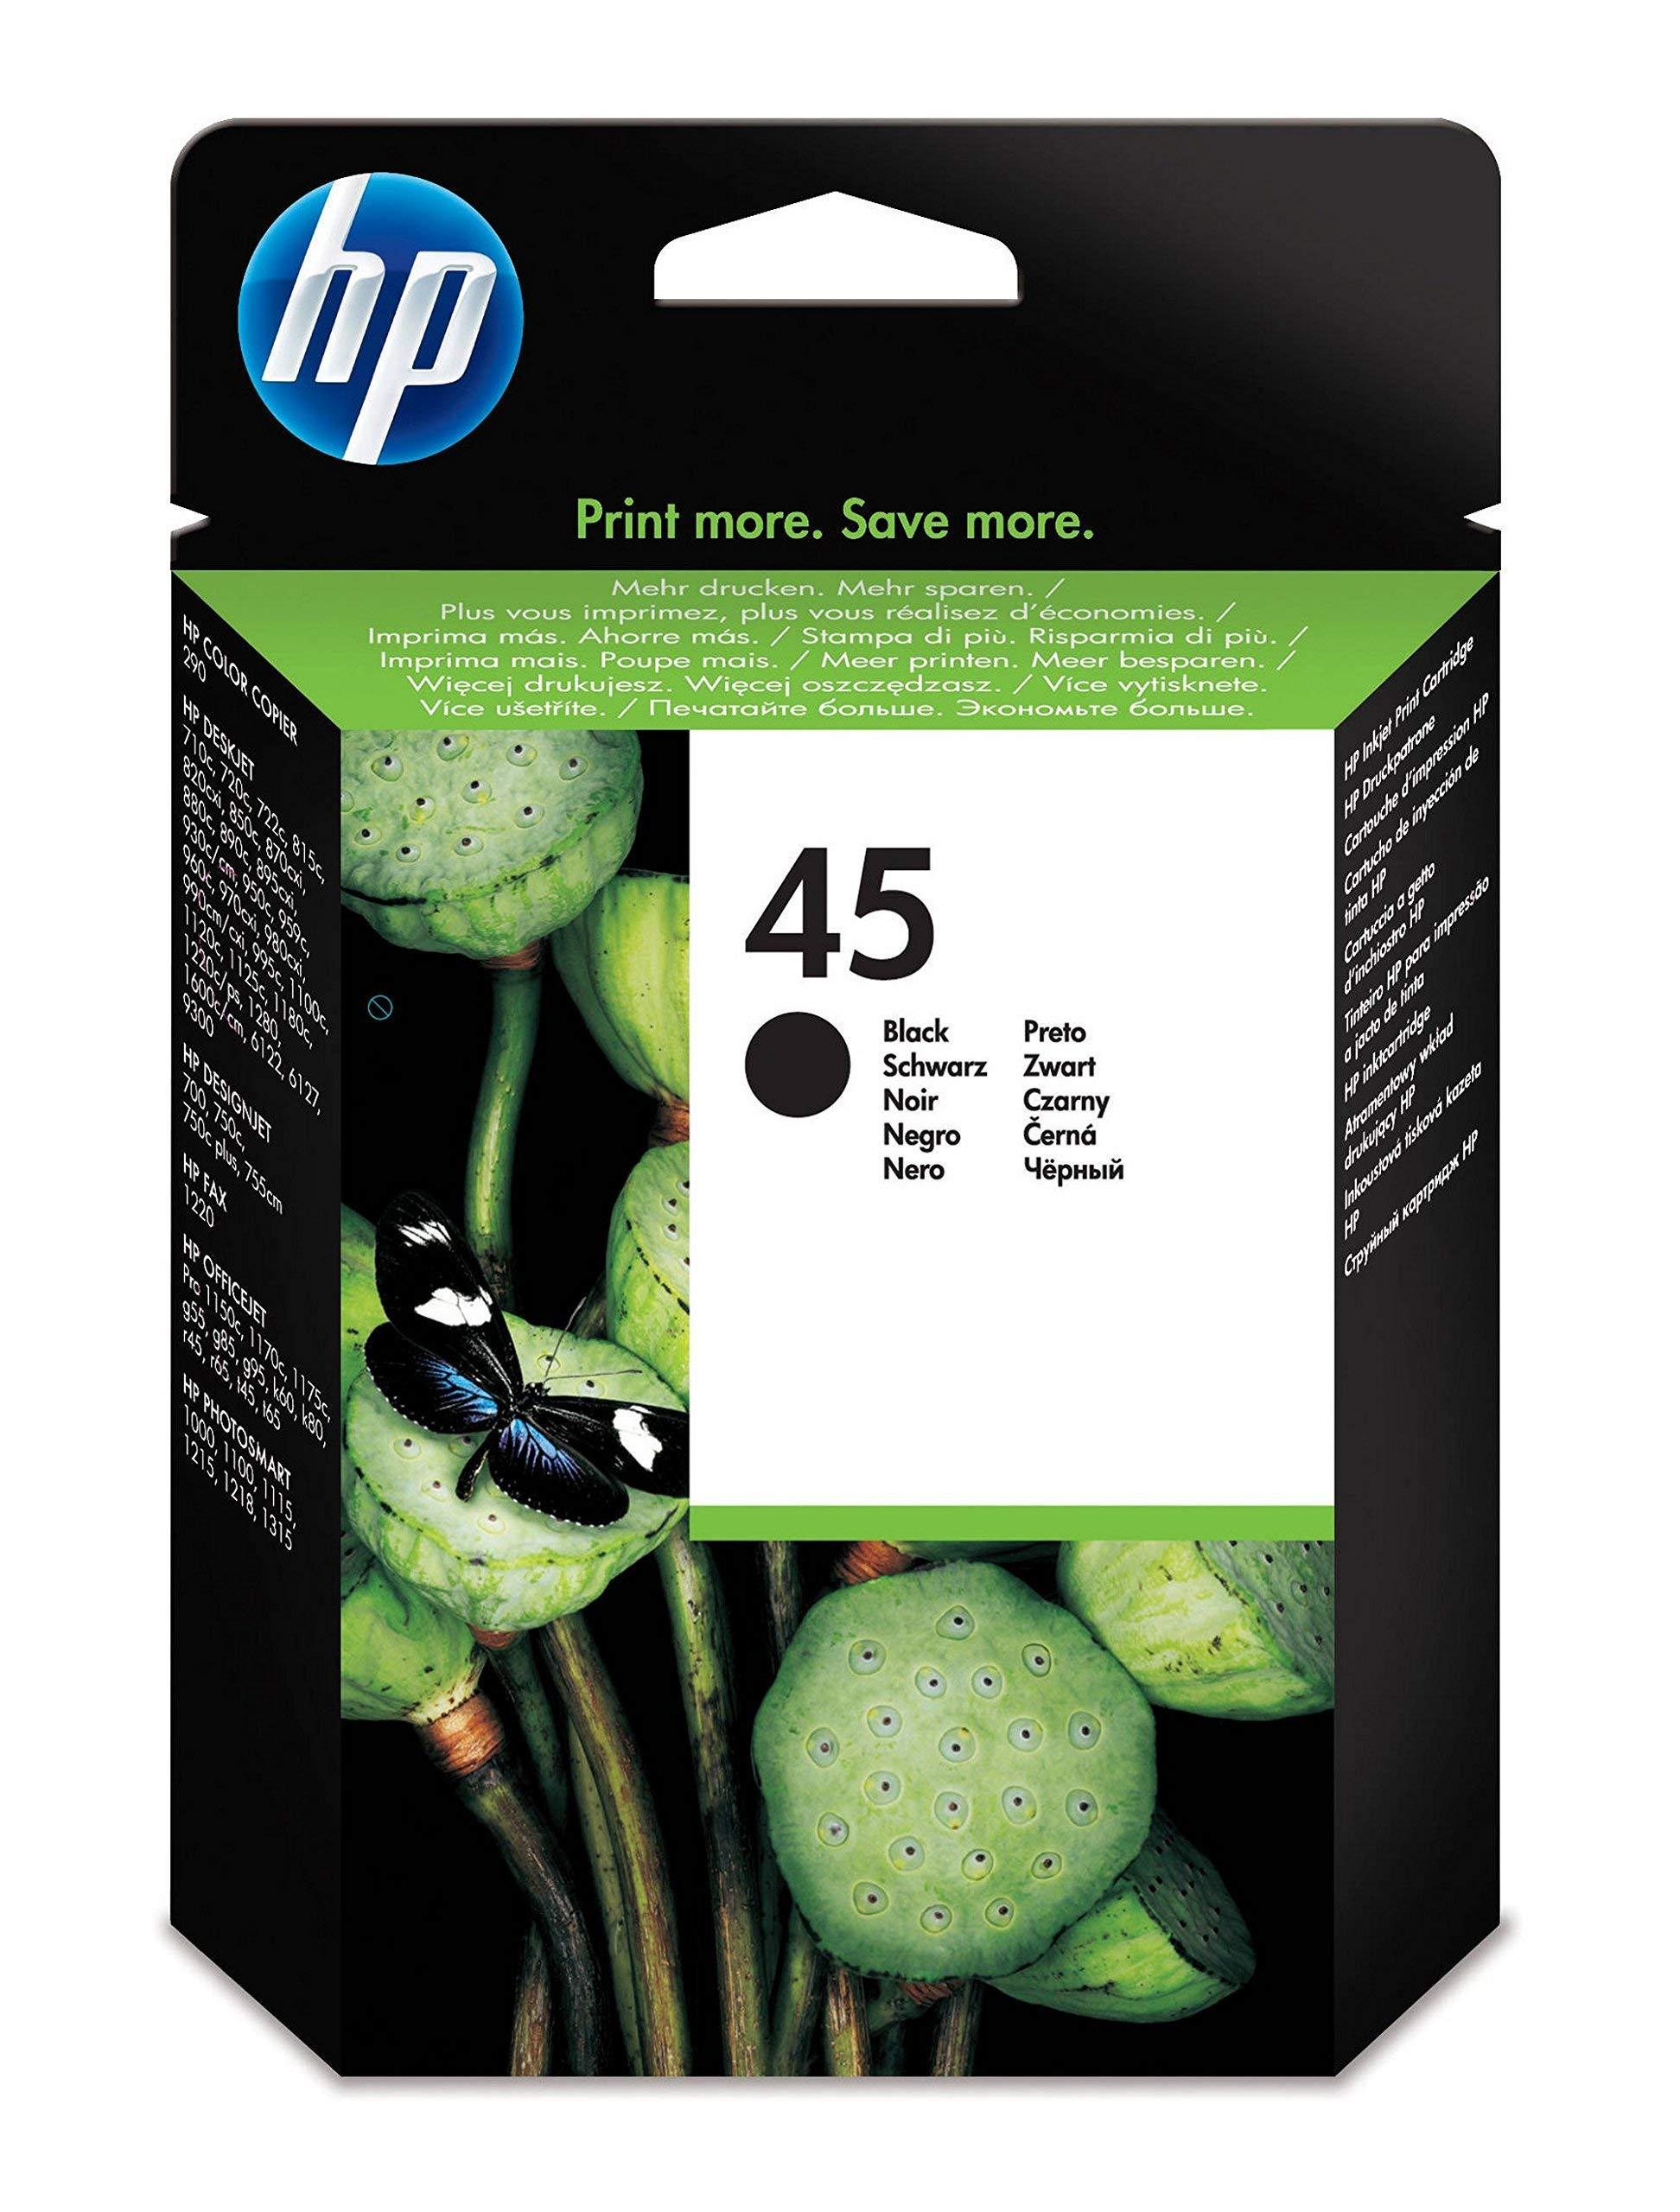 HP 45 51645AE,Cartucho de Tinta Original, Negro, compatible con impresoras de inyección de tinta HP Deskjet 710c, 720c, 815c, 850c, 930, 980cXi, 1180c, 1215 ...